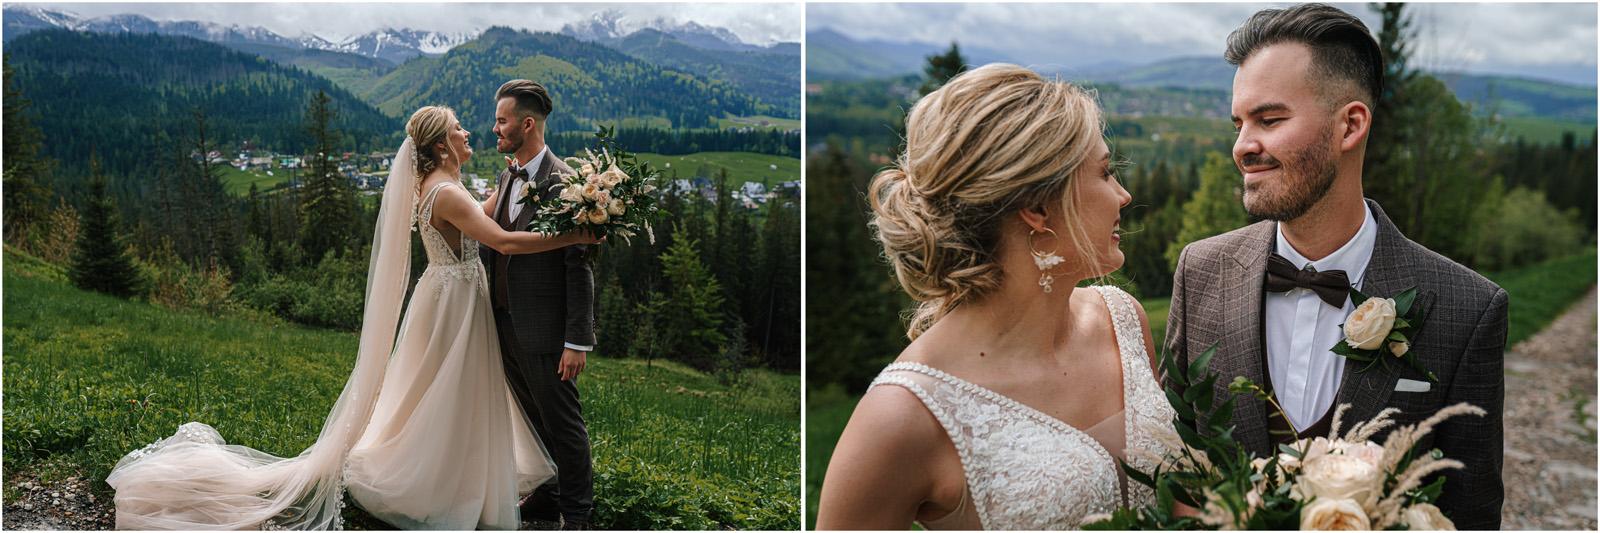 Amanda & Błażej | ślub i sesja w górach 48